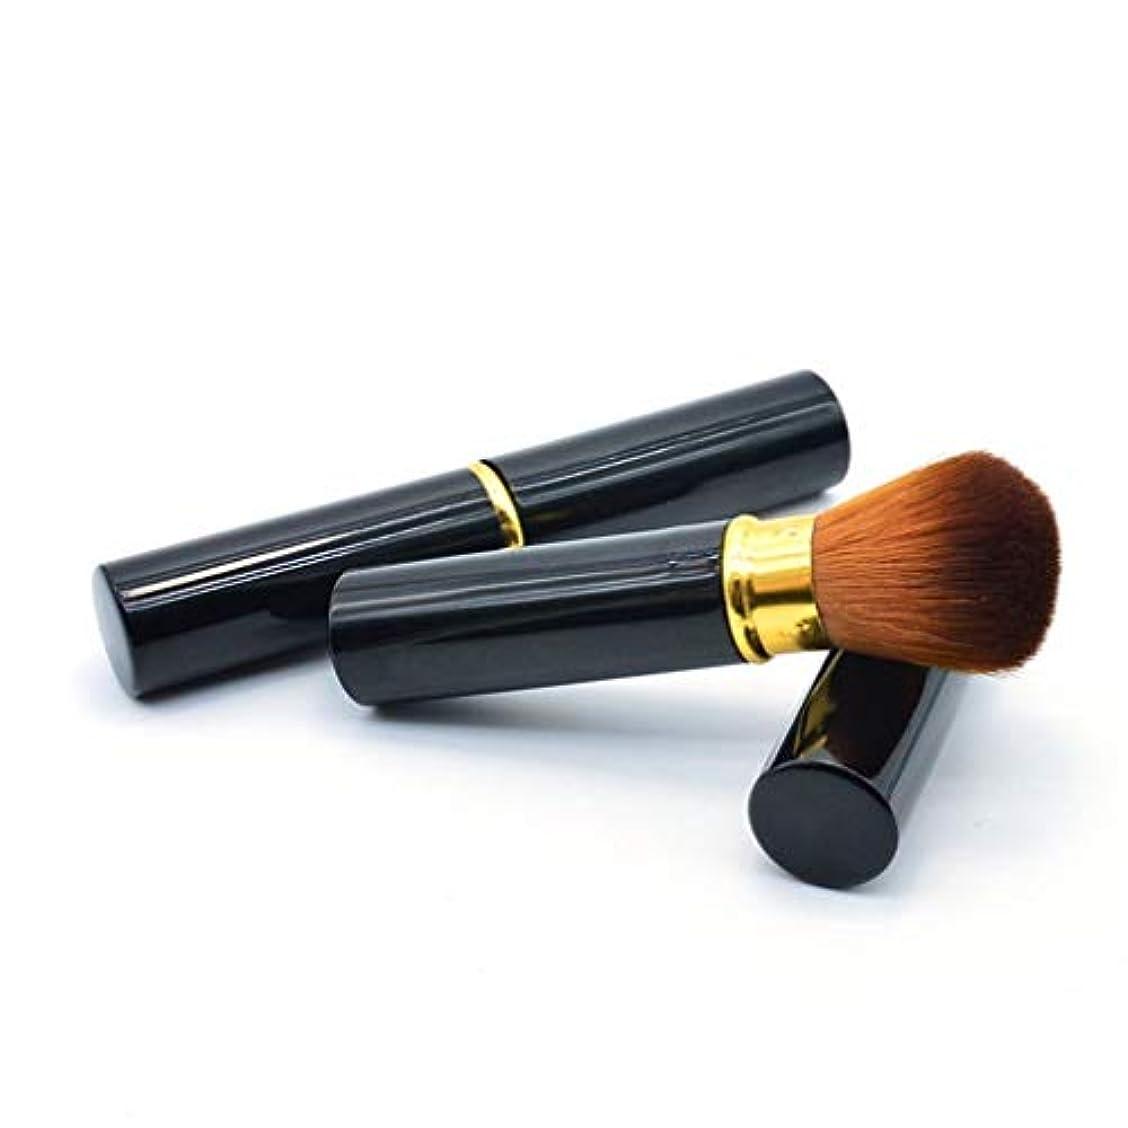 アラバマ親論理的メイクアップブラシファンデーションメイクアップリキッド、クリーム、または完璧なパウダー化粧品 - バフ、点描、コンシーラー - 上質な合成稠密剛毛